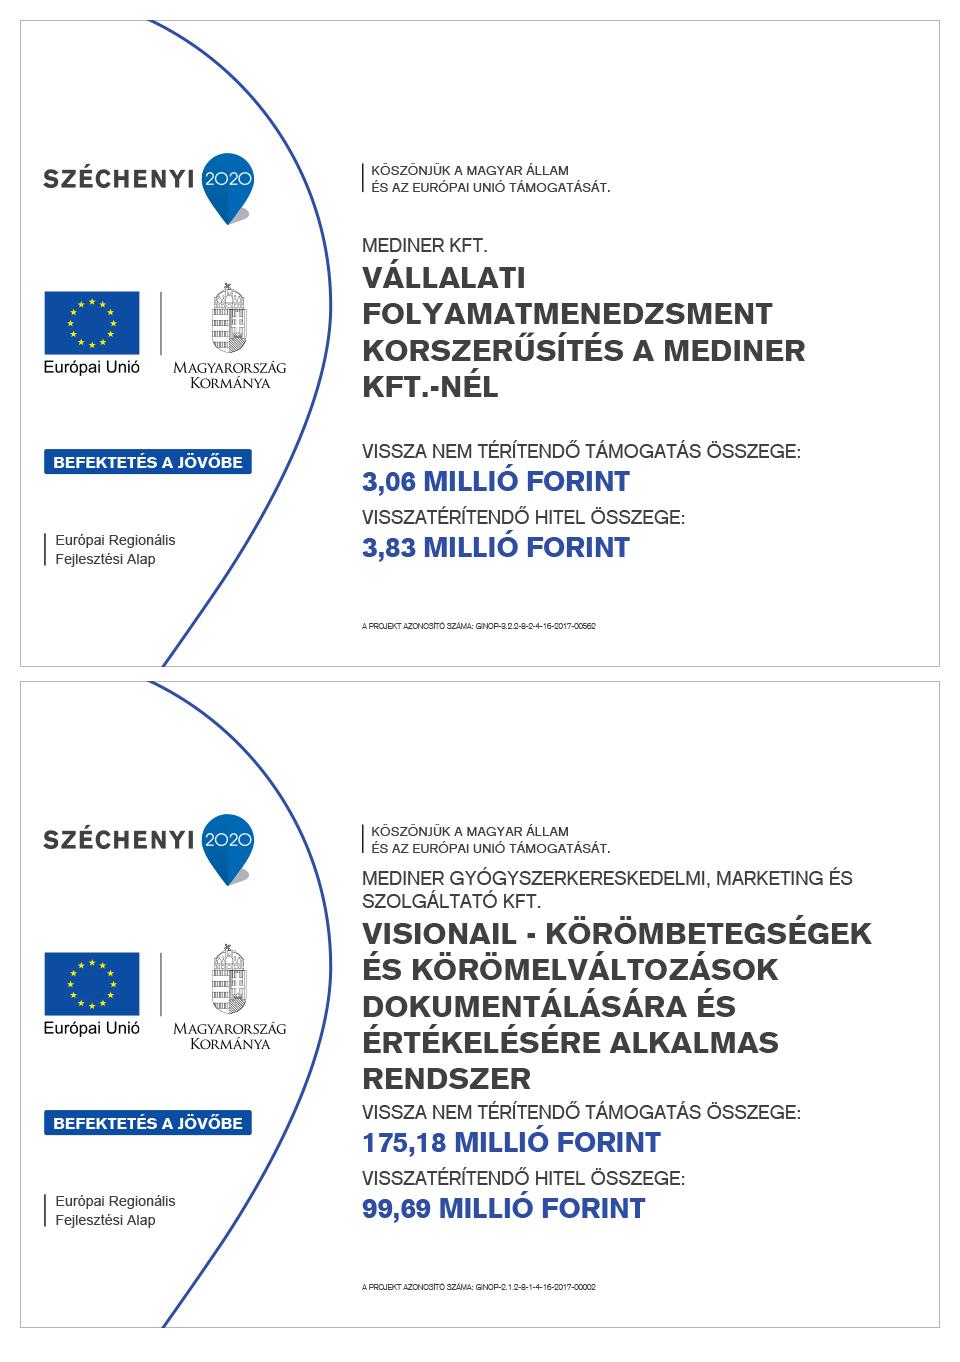 beruházási projektek az interneten